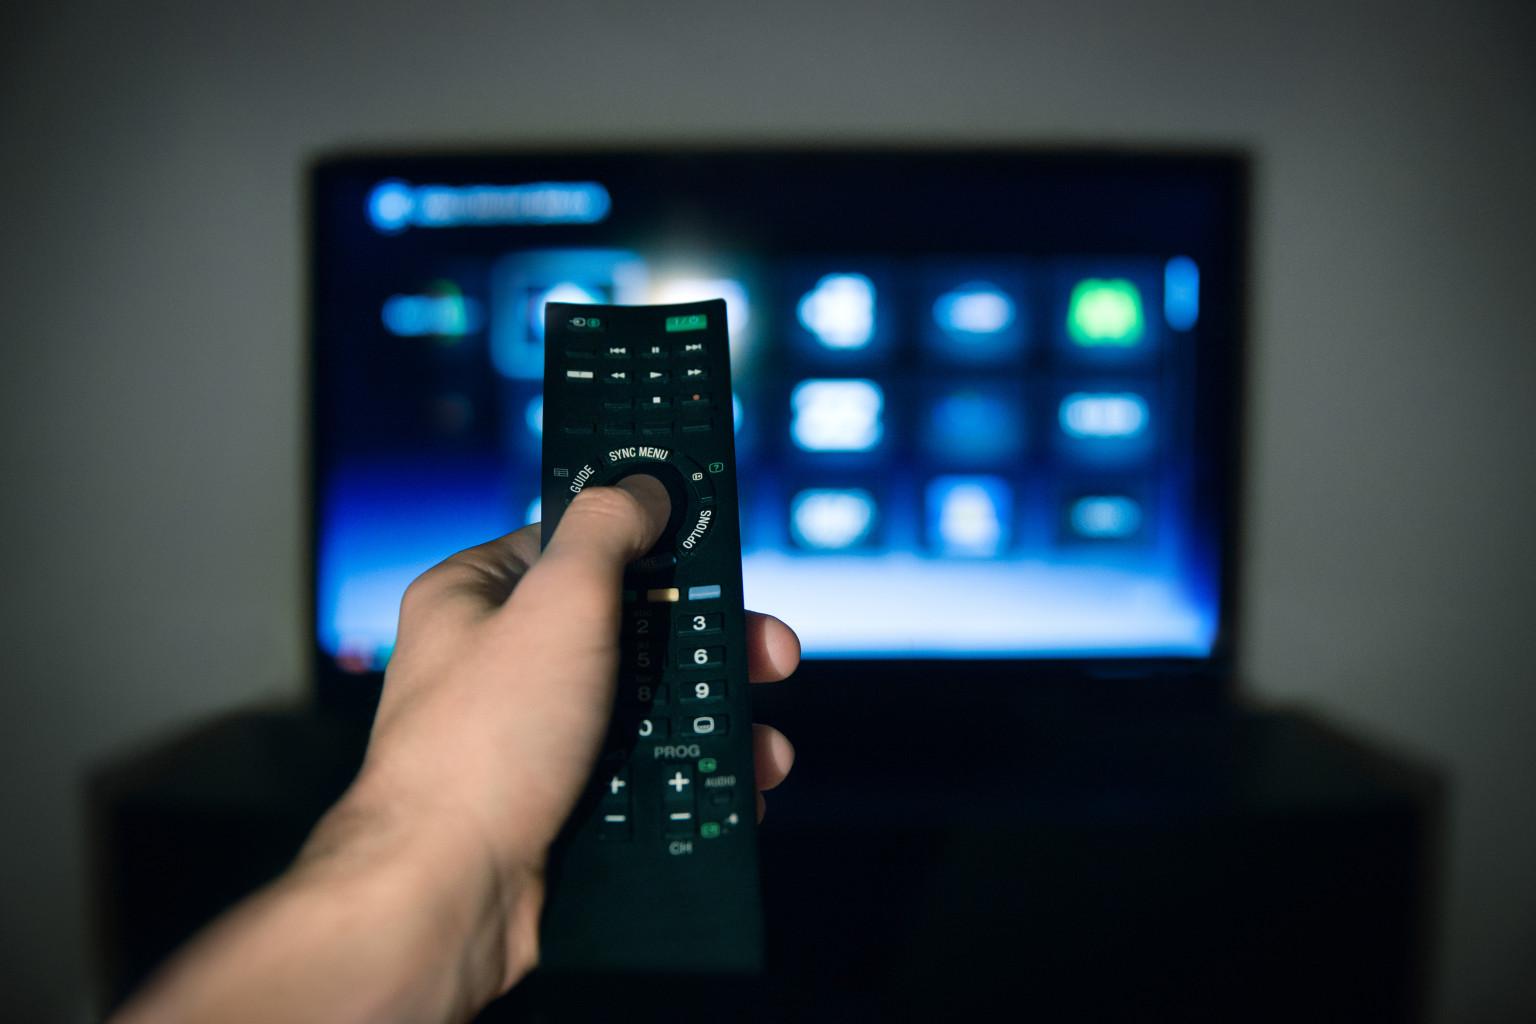 Спутники тв в разблокировать порно каналы фото 665-842